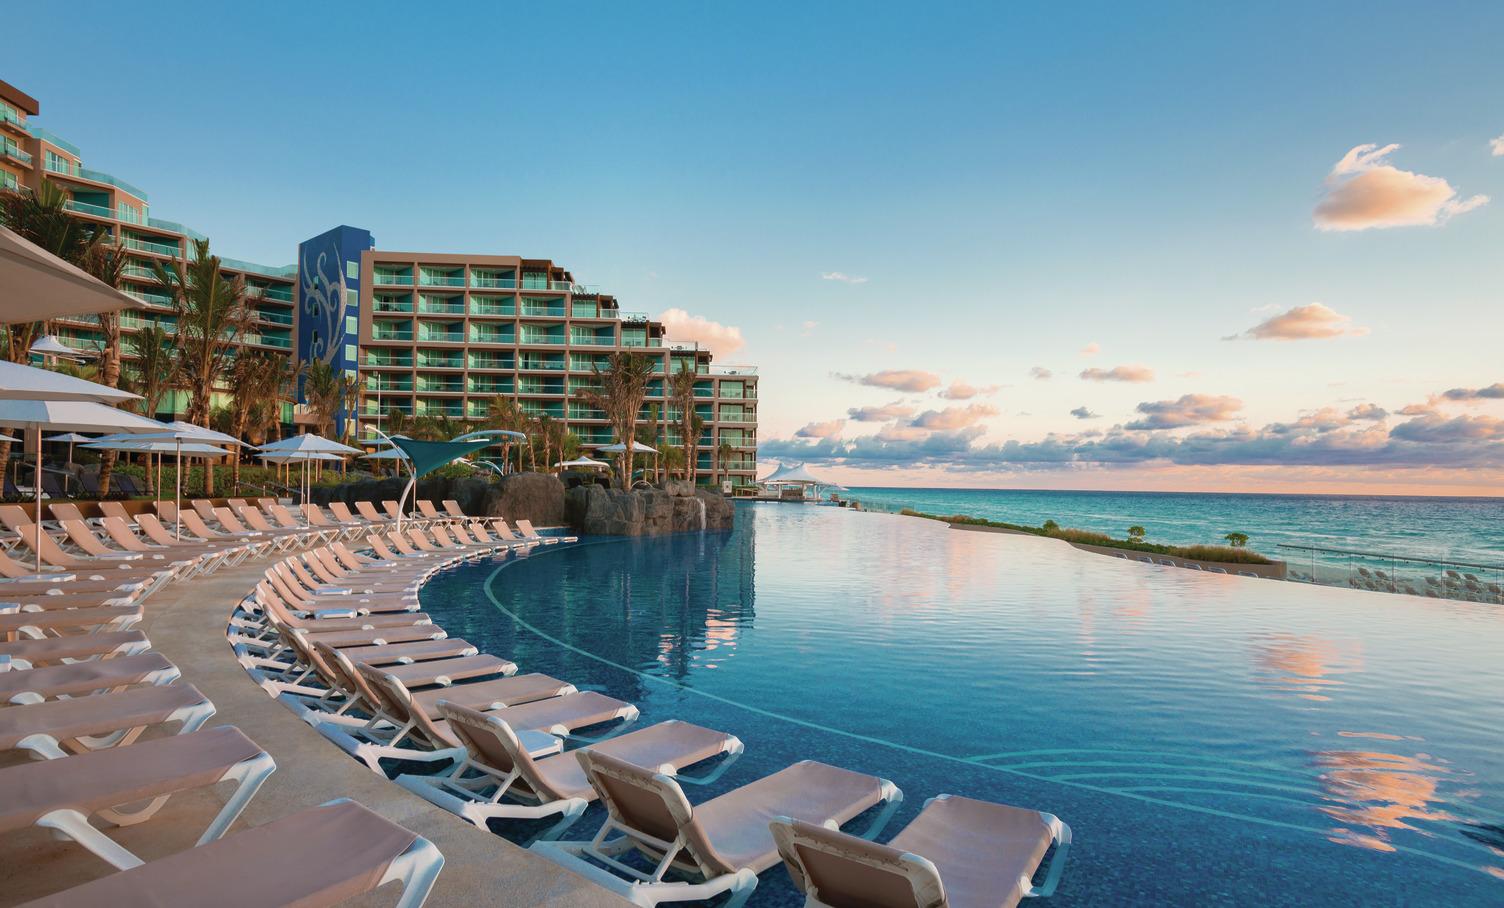 HRH Cancun Pool 121812.jpg